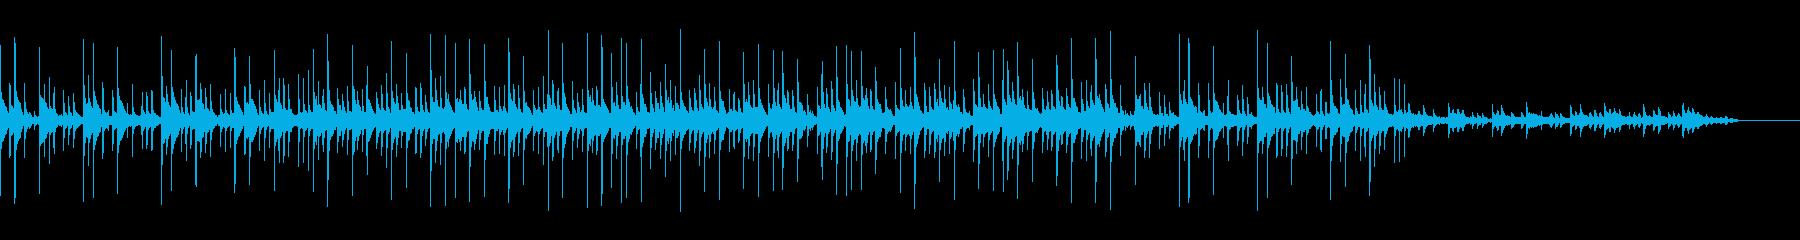 カワイイ・オルゴール風3拍子ポエムBGMの再生済みの波形